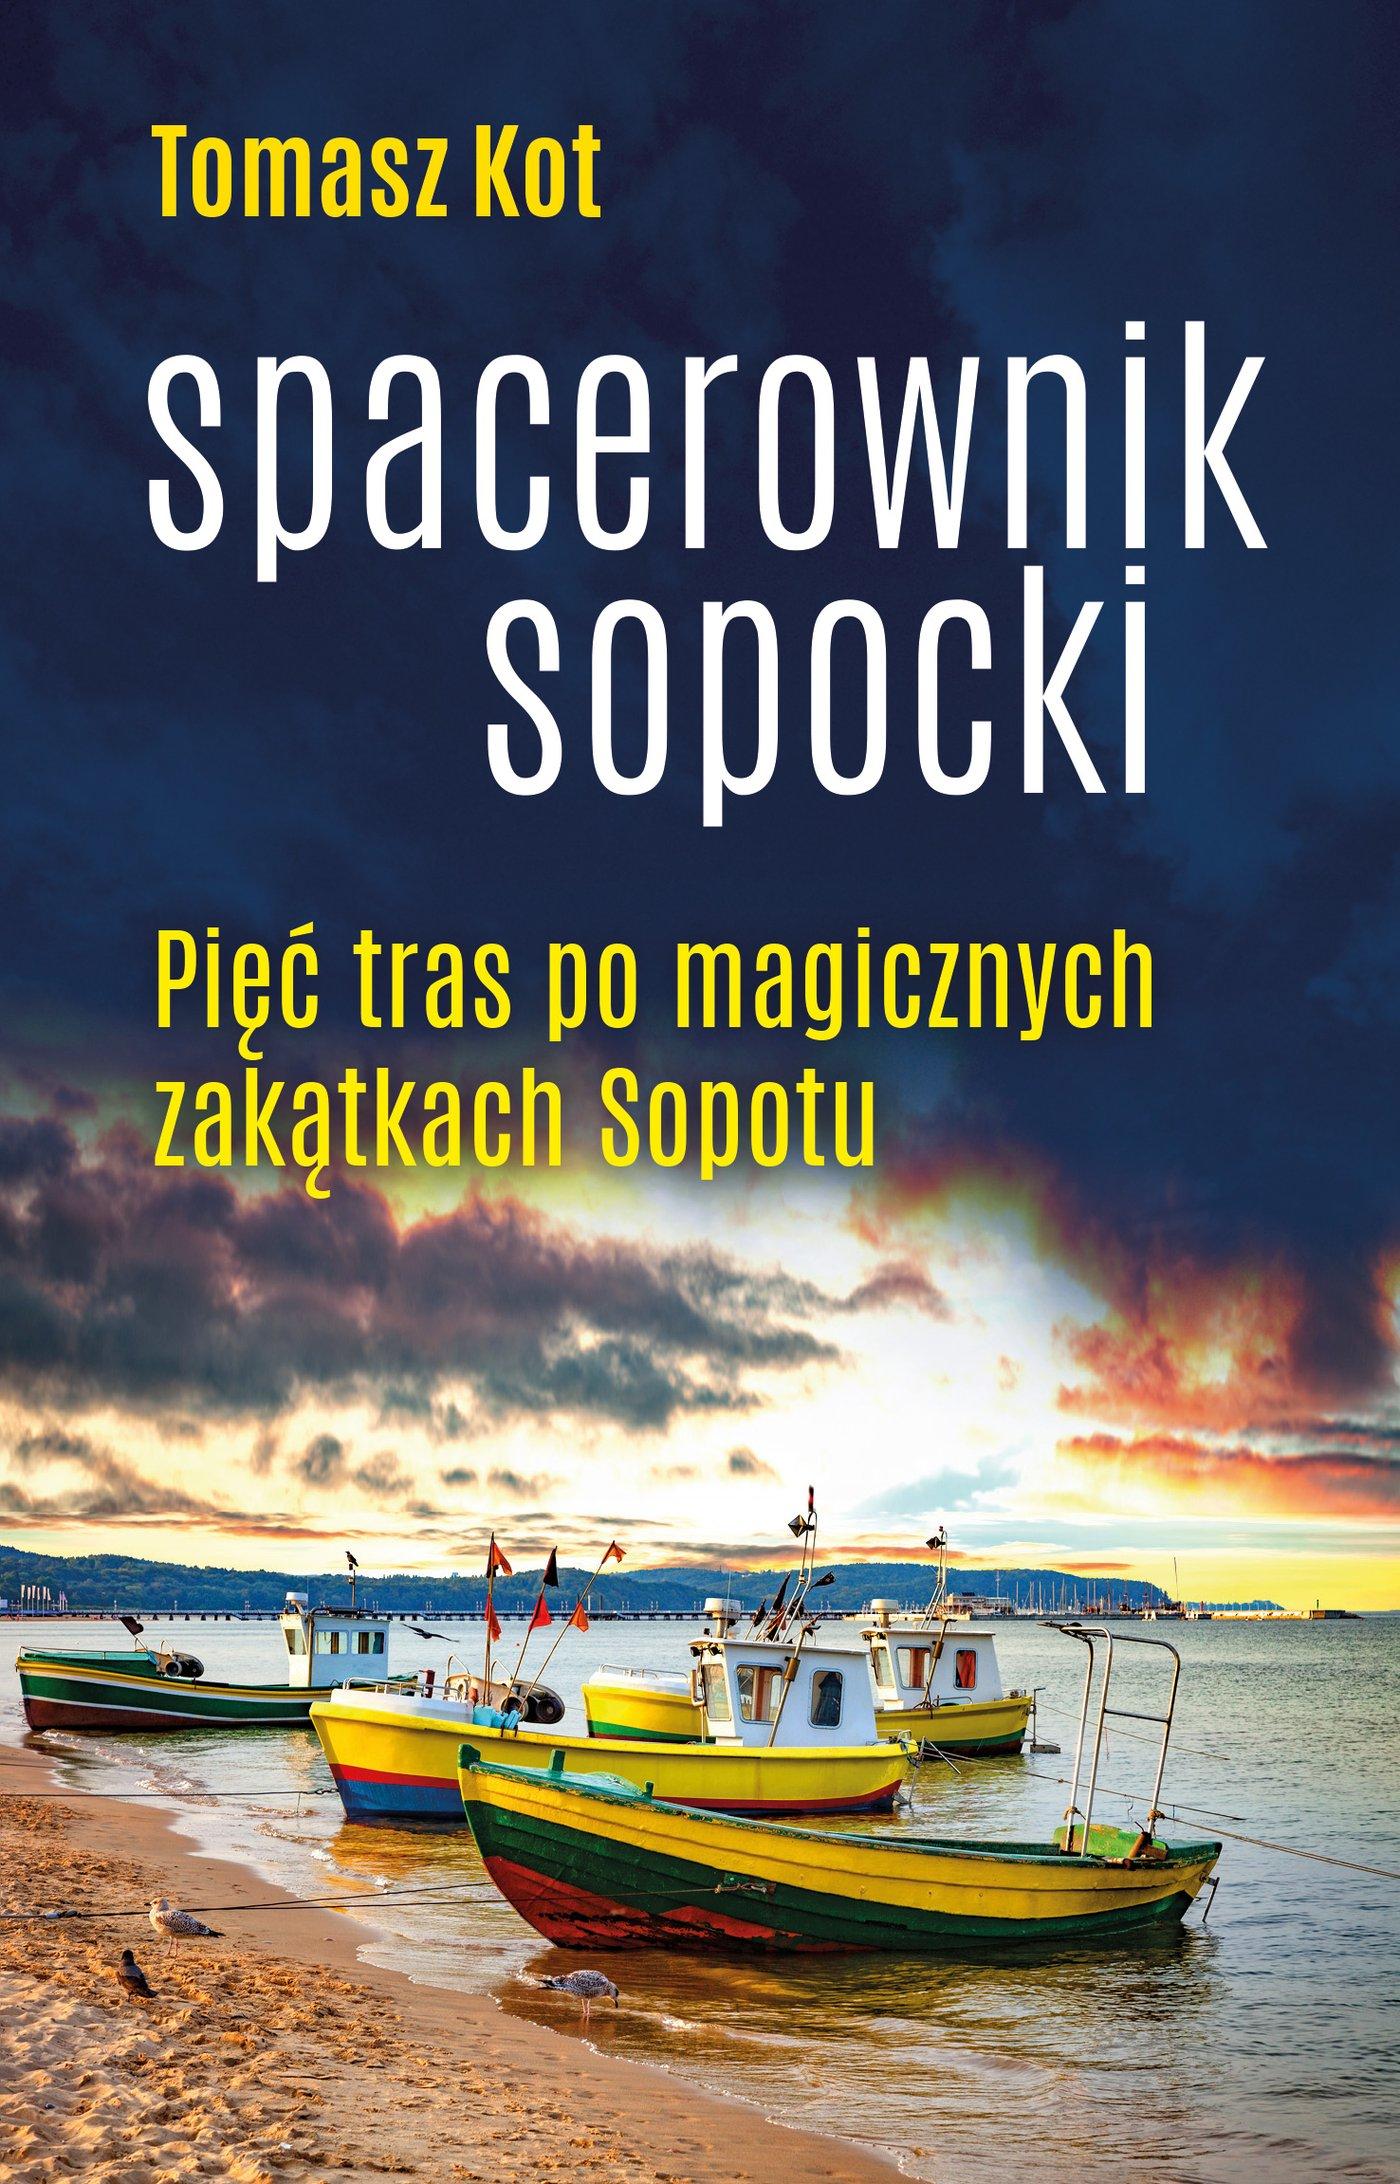 Spacerownik sopocki - Ebook (Książka na Kindle) do pobrania w formacie MOBI